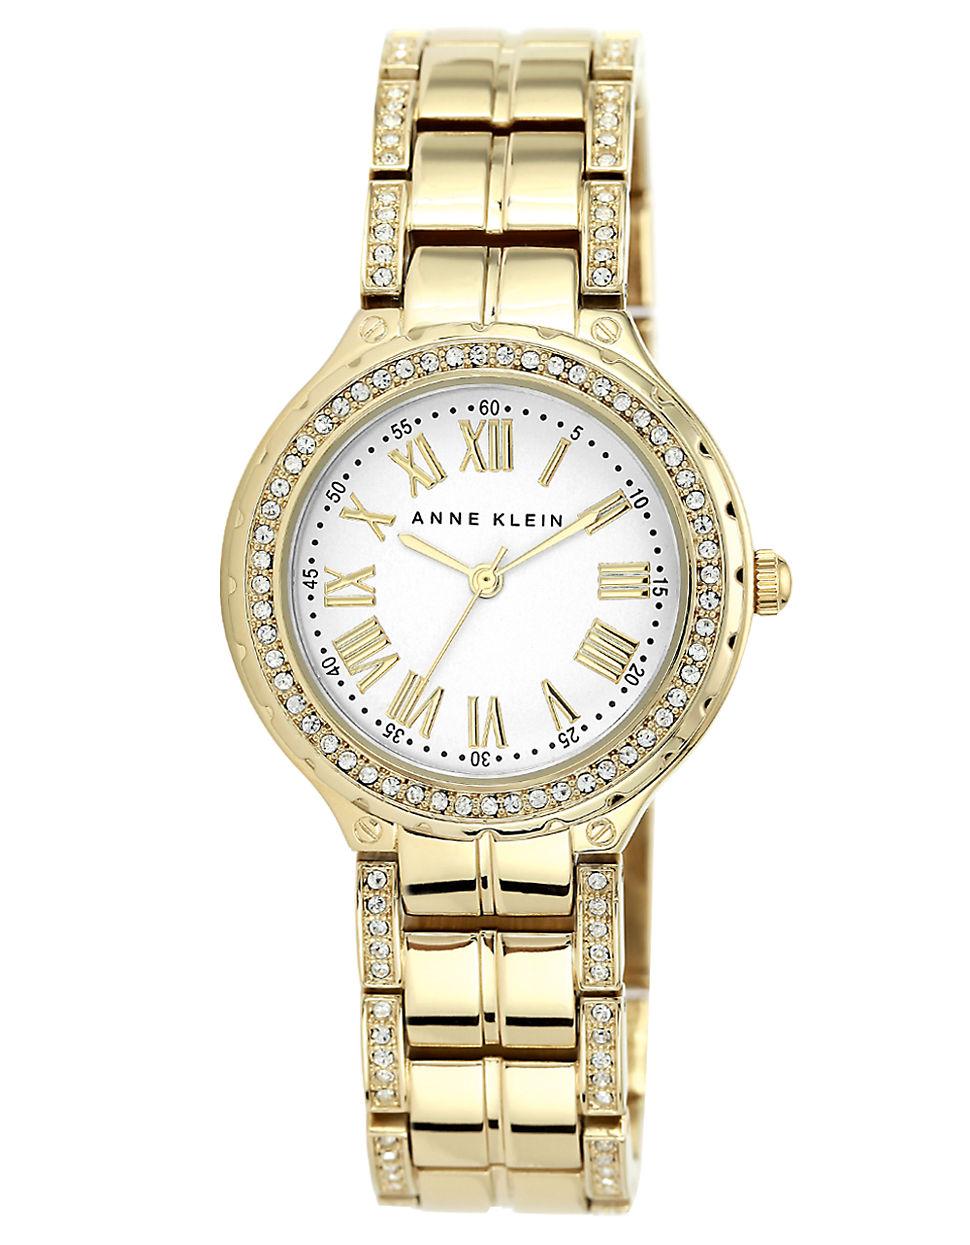 Anne klein ladies goldtone swarovski crystal bracelet watch in gold lyst for Anne klein swarovski crystals